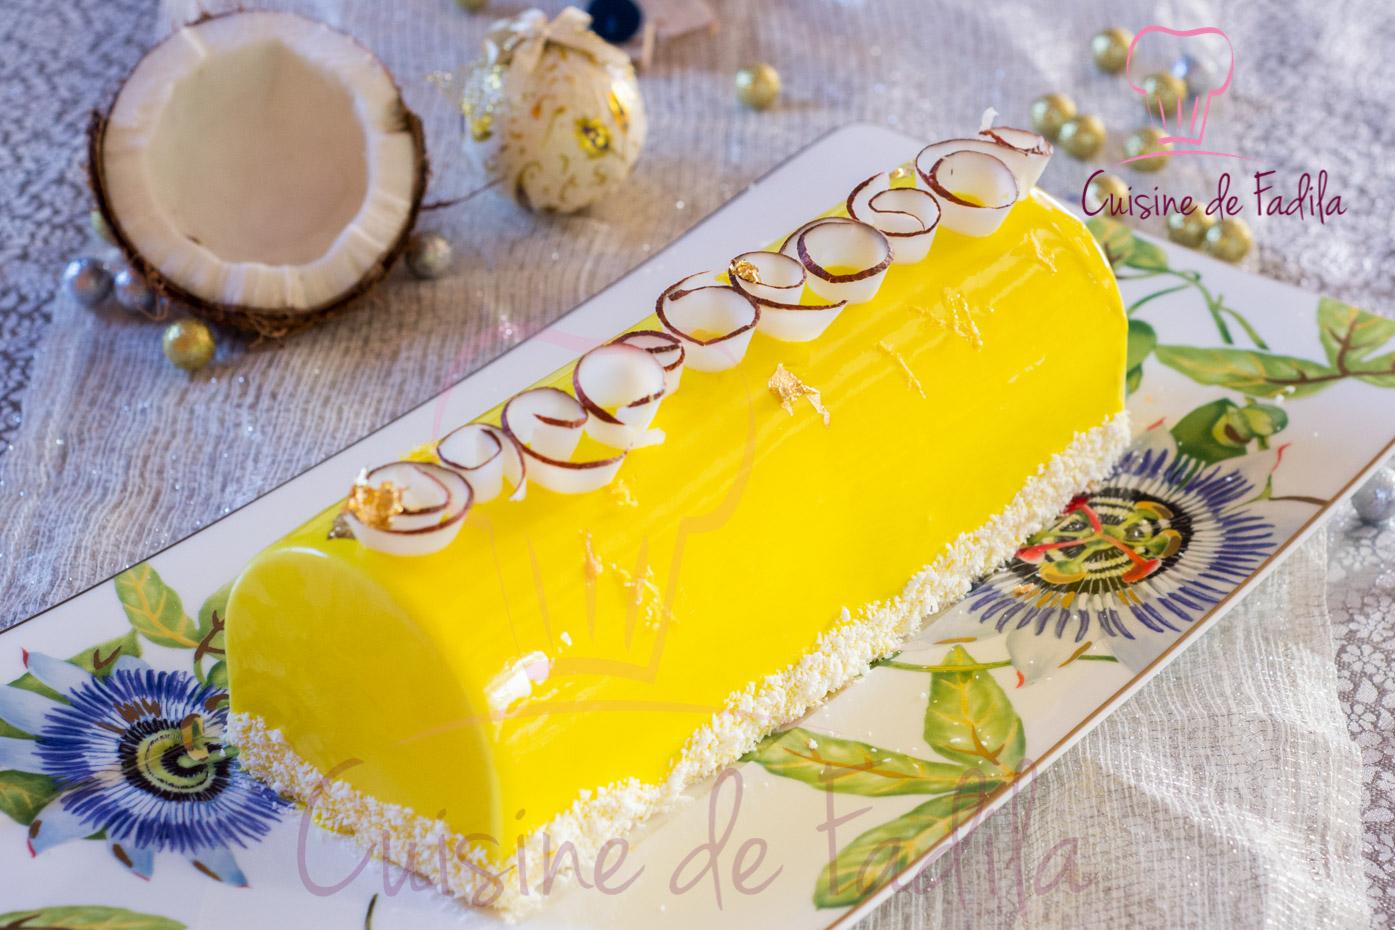 Recette buche de noel citron avec insert